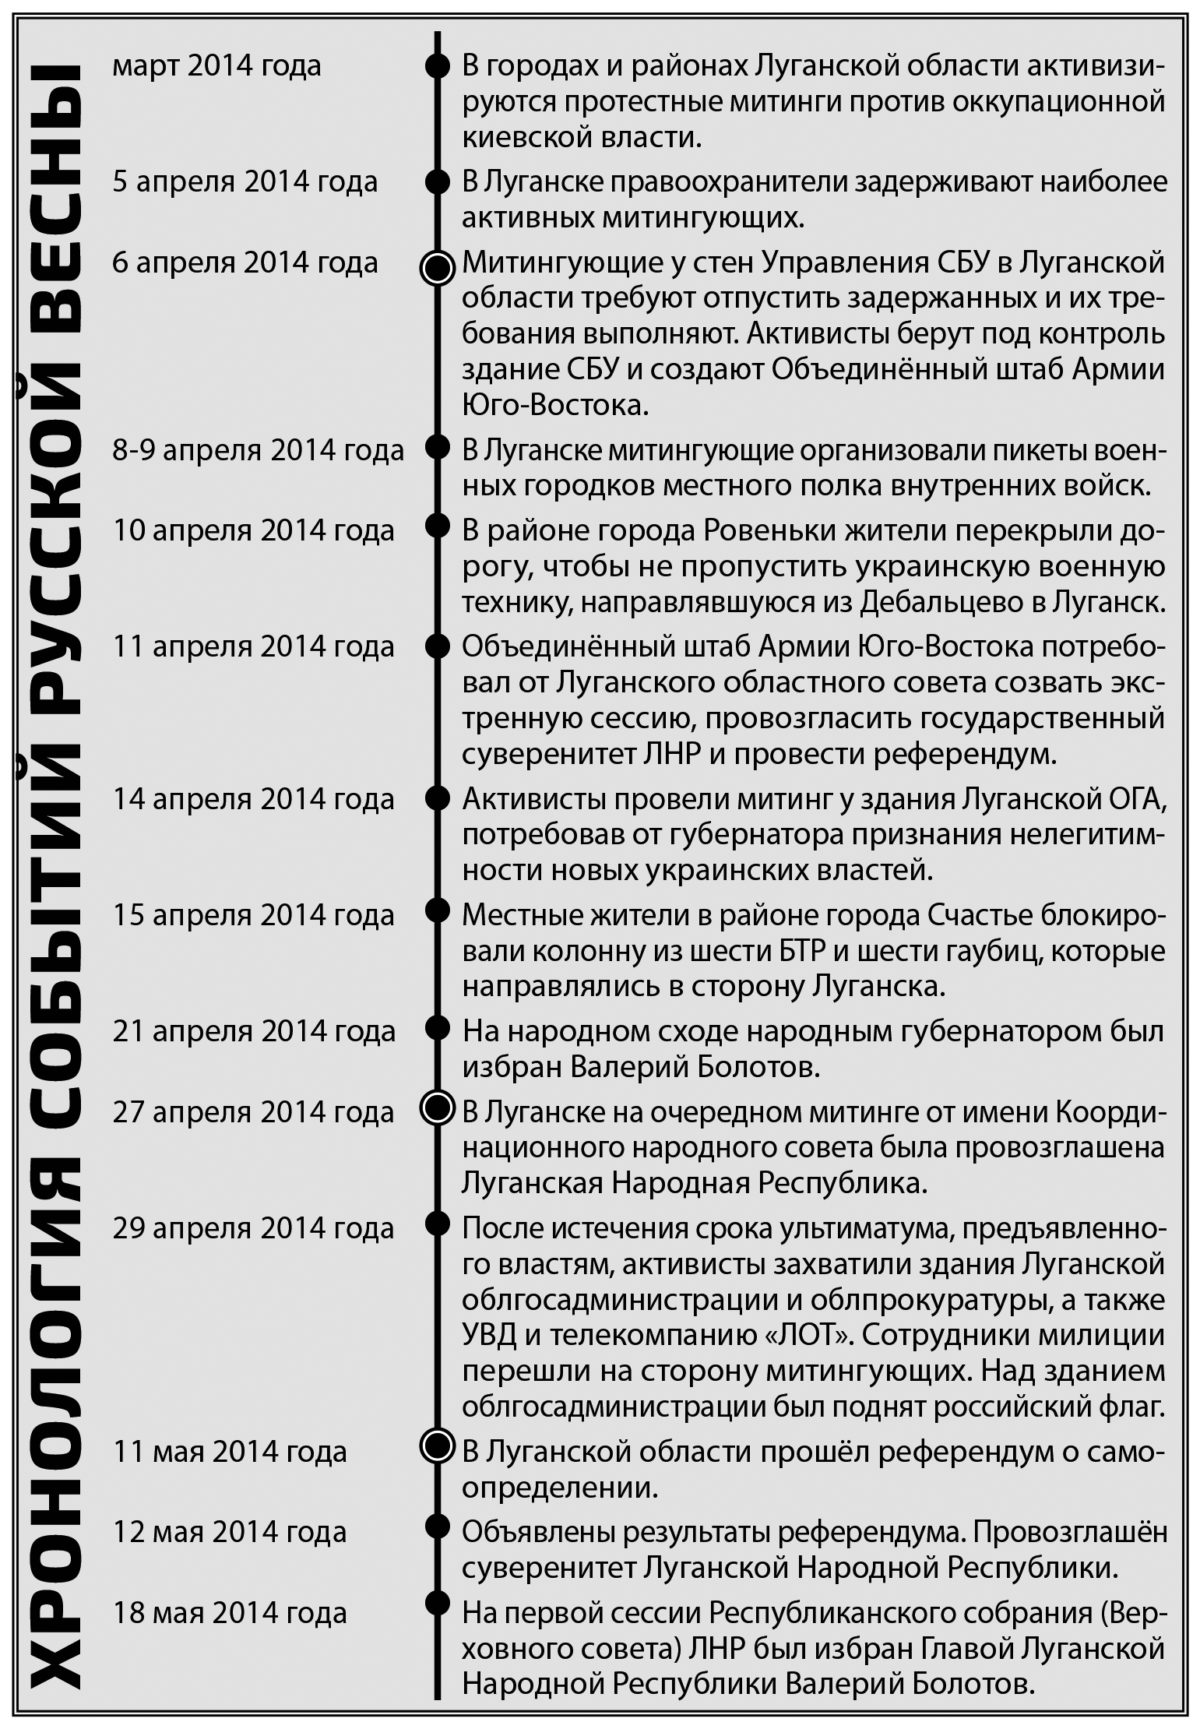 Александр Проценко о событиях Русской весны, которые изменили нашу жизнь